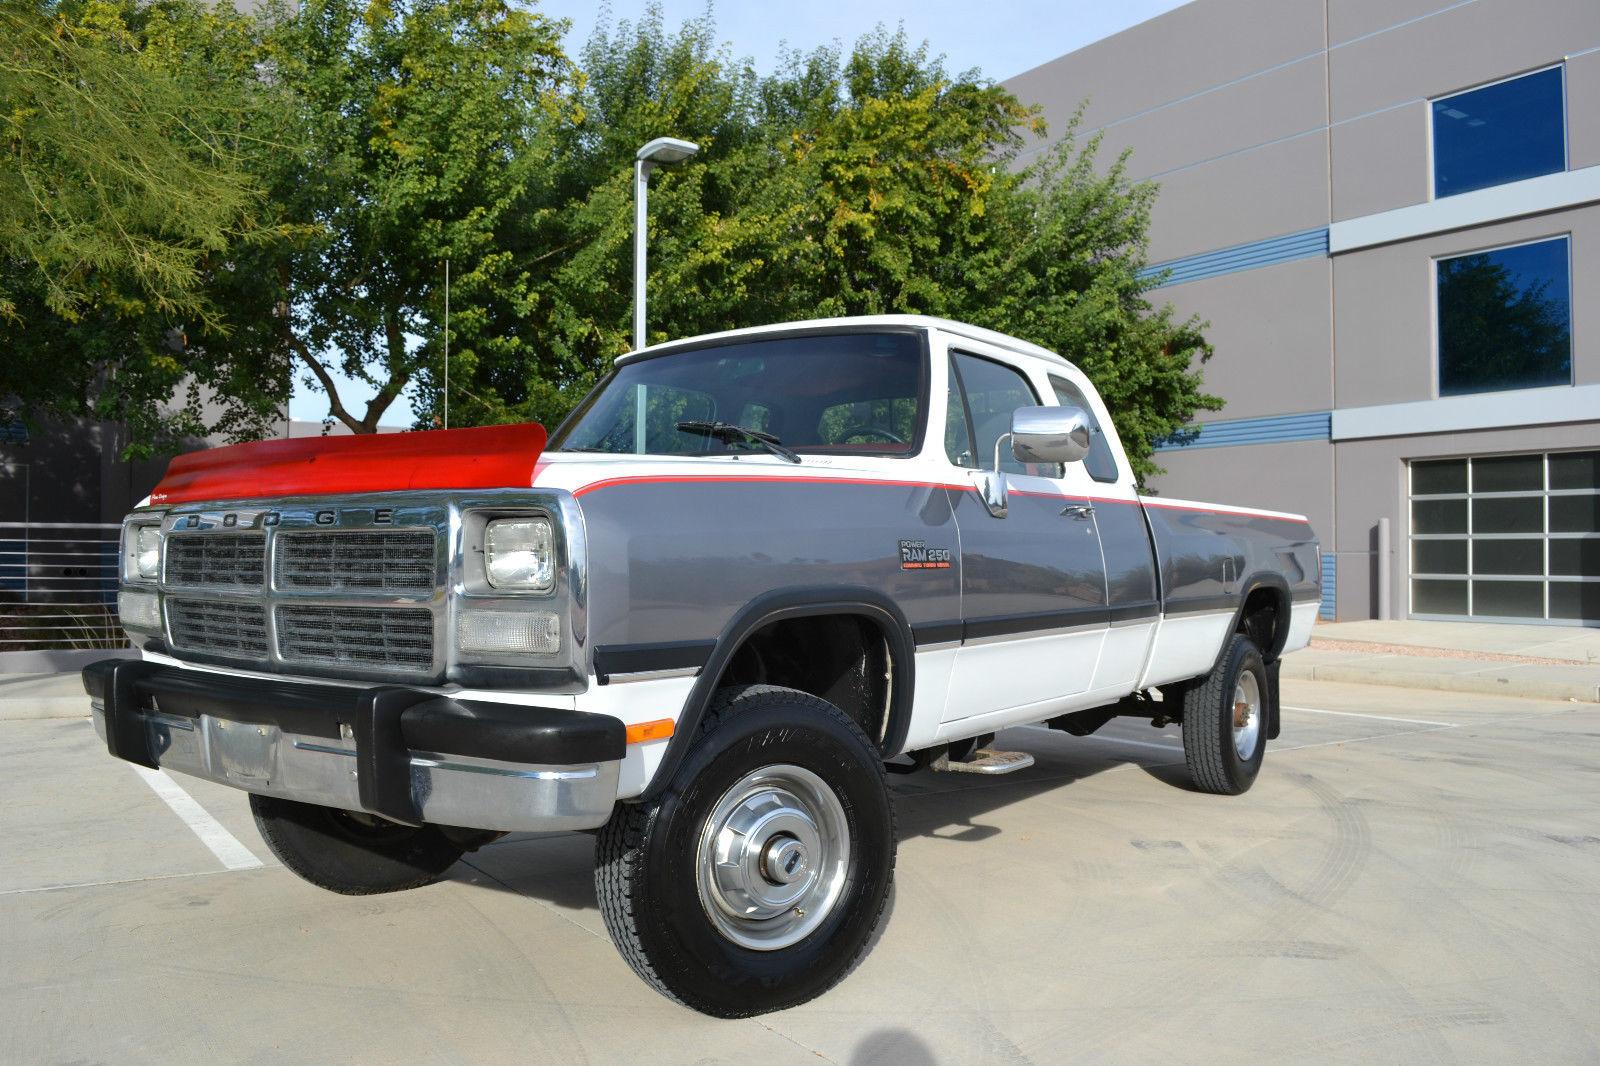 1993 Dodge Ram 2500 4x4 Diesel Auto LE Low Miles 1 OWNER! Low Miles! 1st Gen!!!! - Classic Dodge ...